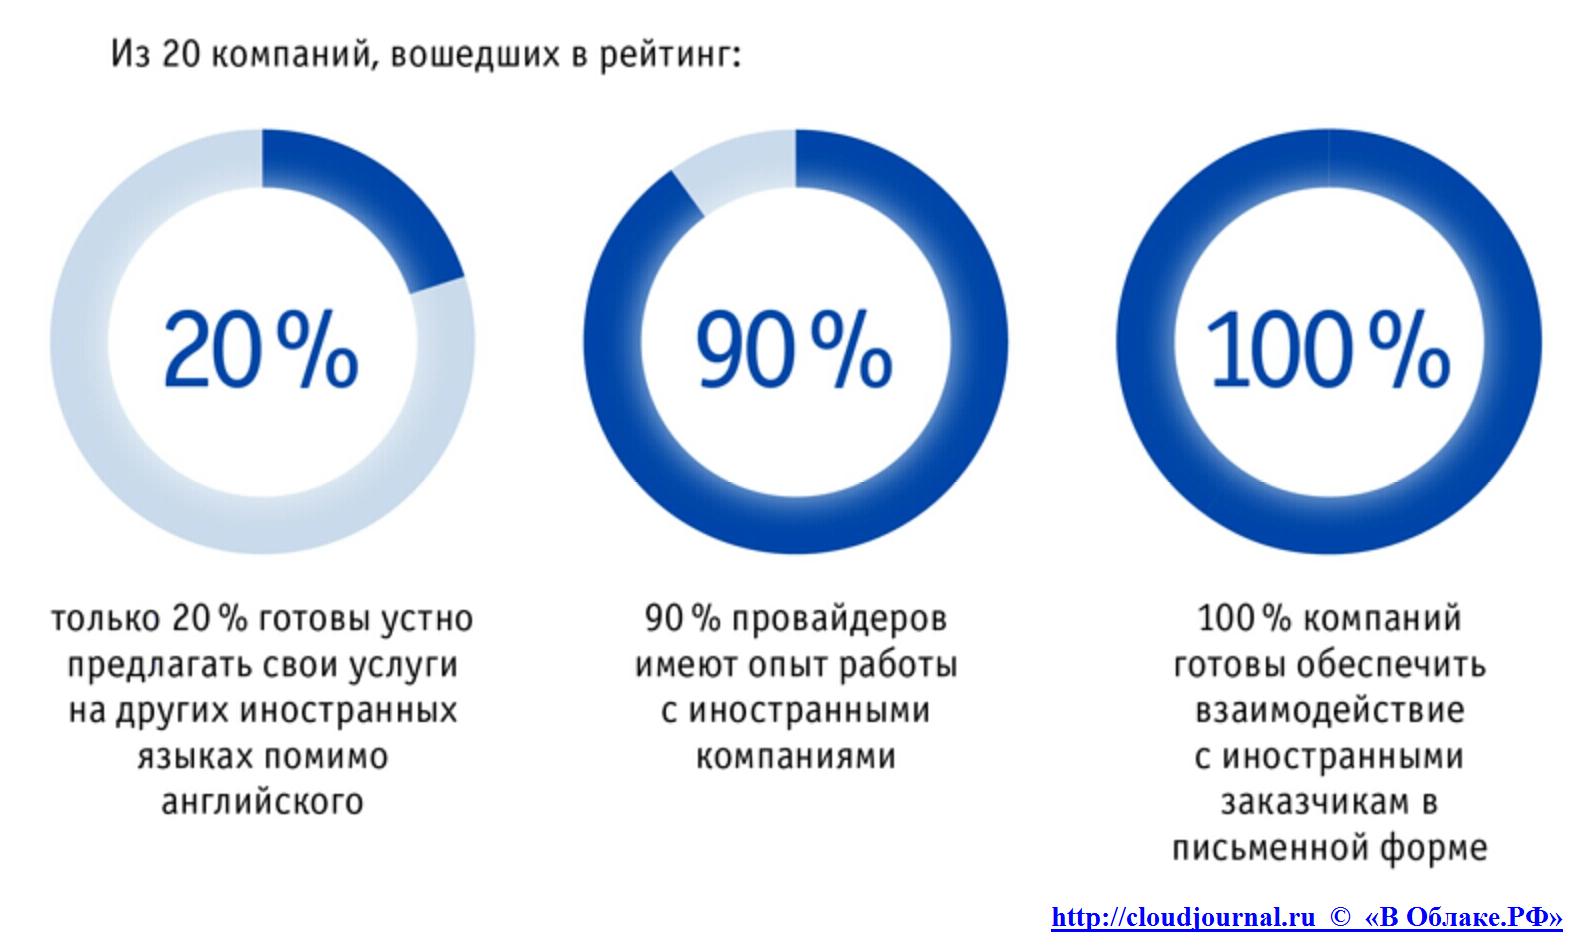 Рейтинг облачных-провайдеров России по степени готовности к взаимодействию с иностранными клиентами - 3